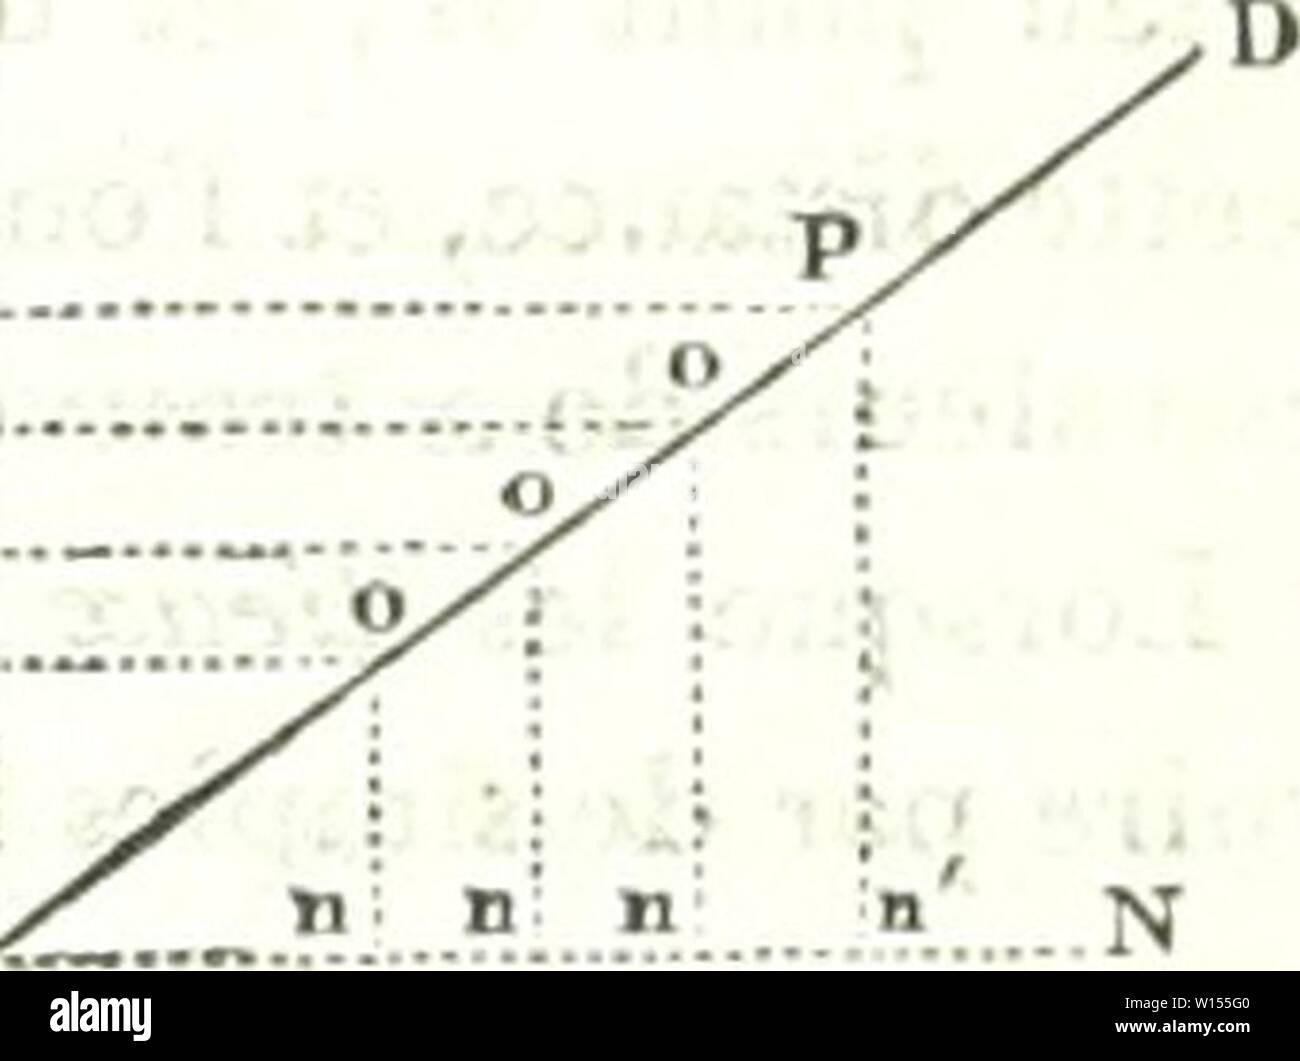 Archive image from page 115 of Dictionnaire des sciences mathématiques pures. Dictionnaire des sciences mathÃmatiques pures et appliquÃes . dictionnairedess01mont Year: 1838  -102 AP x cl Aj-, ou a et b, sont connus, la position du point o pst (ixÃo. Cependant, la construction que nous venons de faire pouvant avoir cf;alcnicnt lieu dans chacun des quatre anfjlrs XAY, X'A.Y', XAY, XAY', il faut dÃplus coniiaitre celui de ces quatre angles dans lequel doit se trouver le point o, pour que sa situation soit entière- ment dÃterminÃe sur le plan indÃfini des droites XX', Y'Y'. Cette dcitiii're con Stock Photo